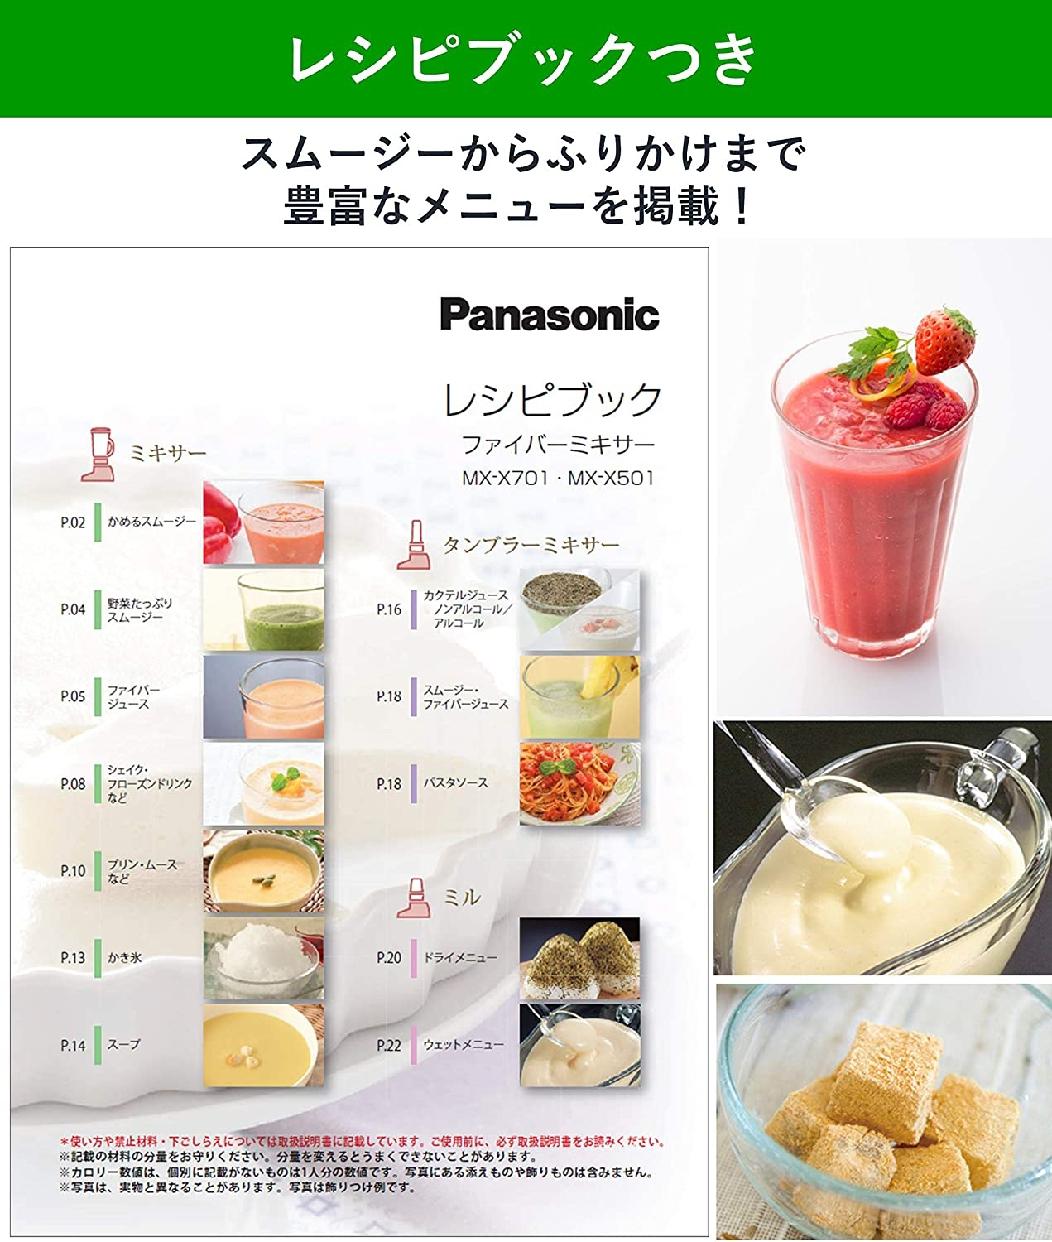 Panasonic(パナソニック)ファイバーミキサー MX-X701の商品画像7